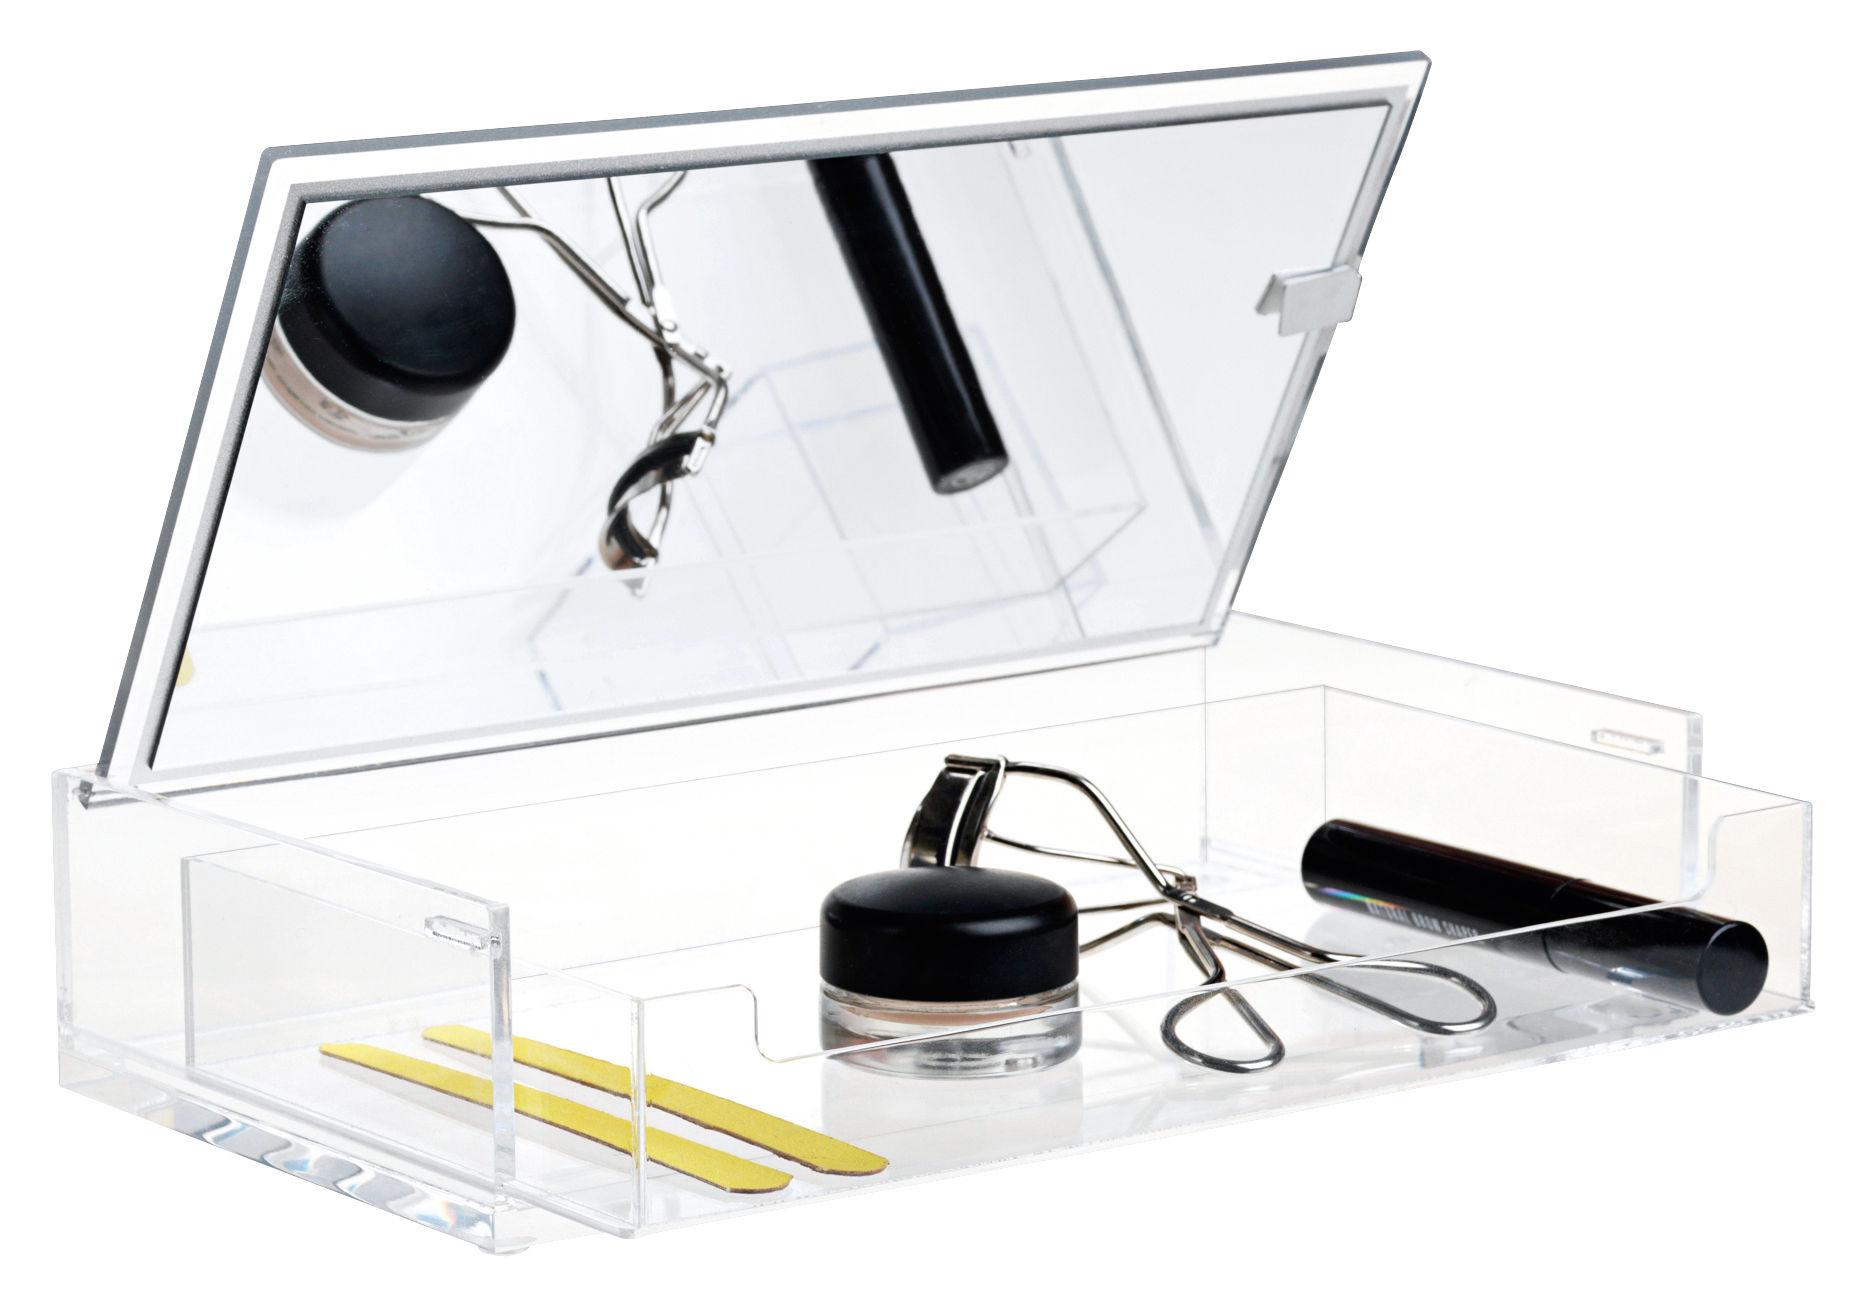 Accessoires - Accessoires für das Bad - Clear Make-up Box / mit Spiegel - Nomess - Transparent - Polyacryl